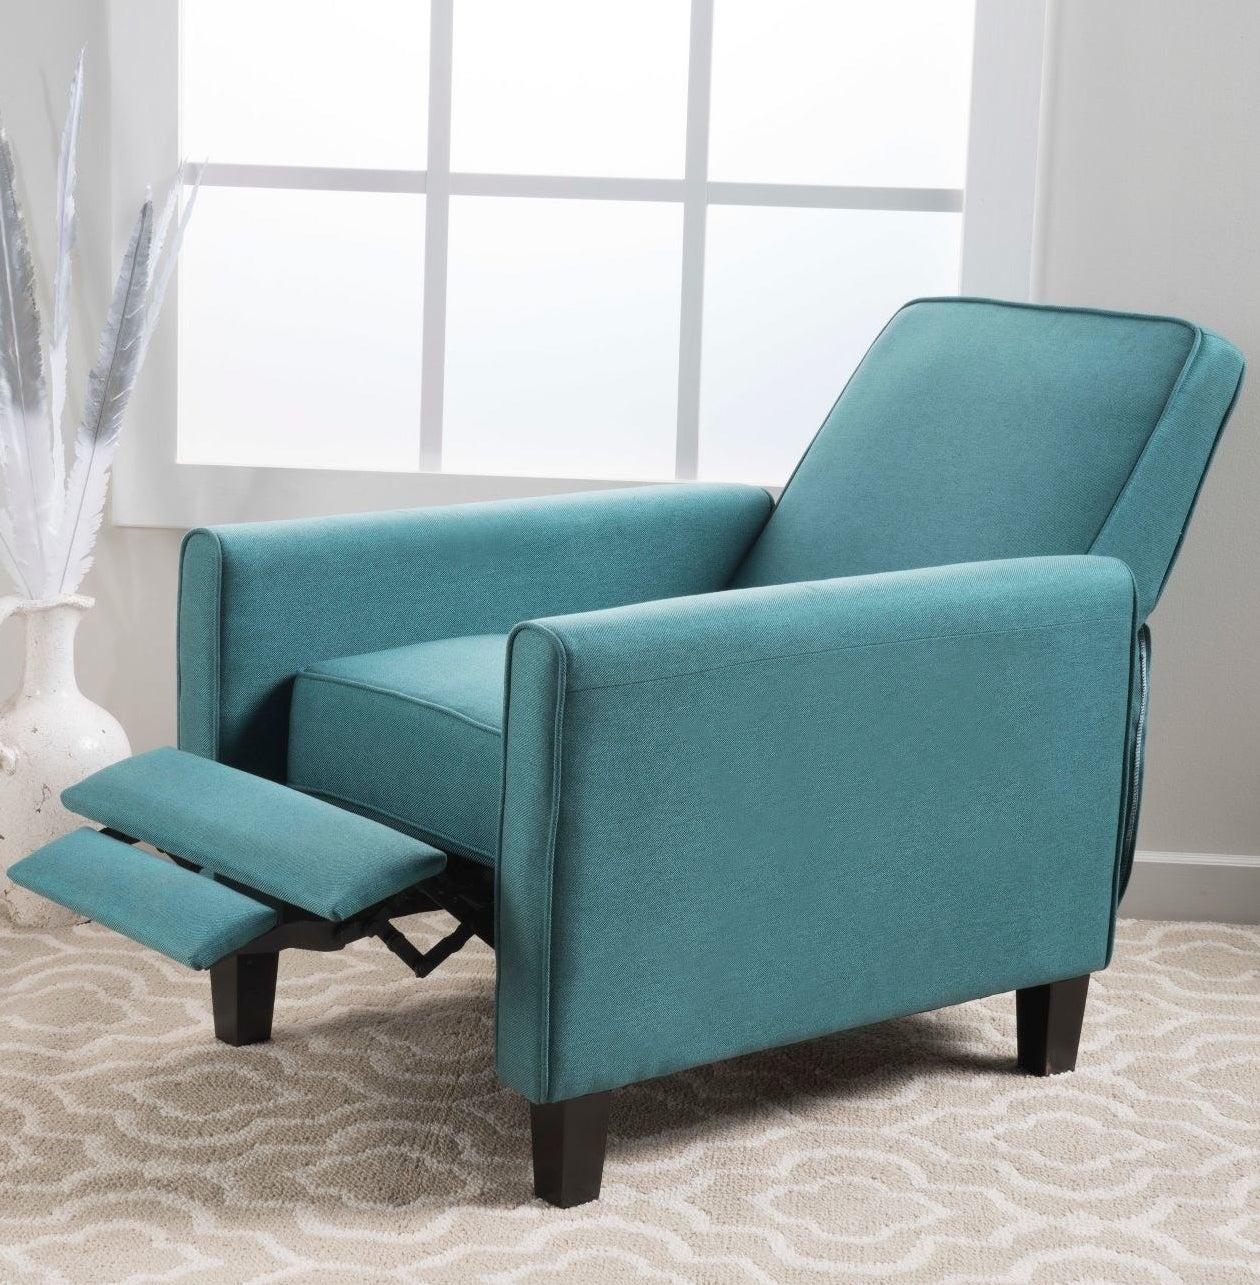 teal recliner